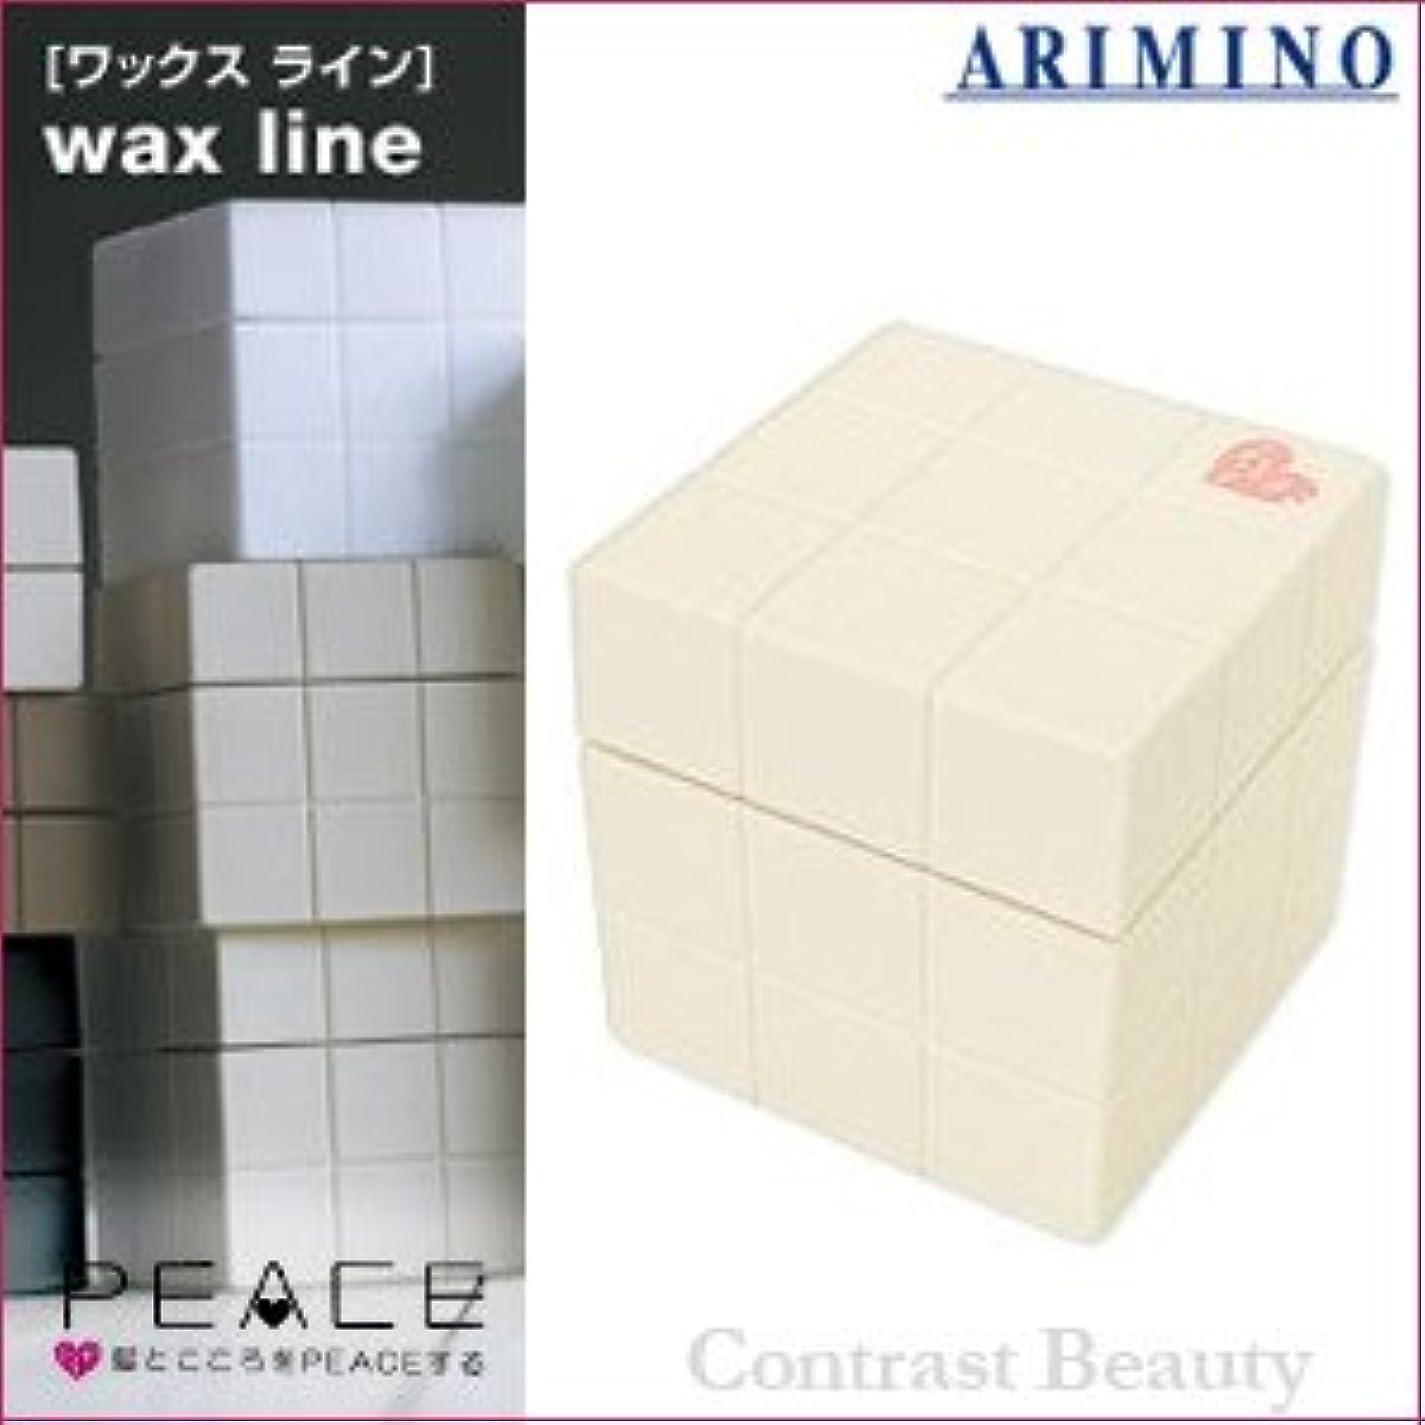 ブランドご覧くださいわかりやすい【x2個セット】 アリミノ ピース プロデザインシリーズ ニュアンスワックス バニラ 80g